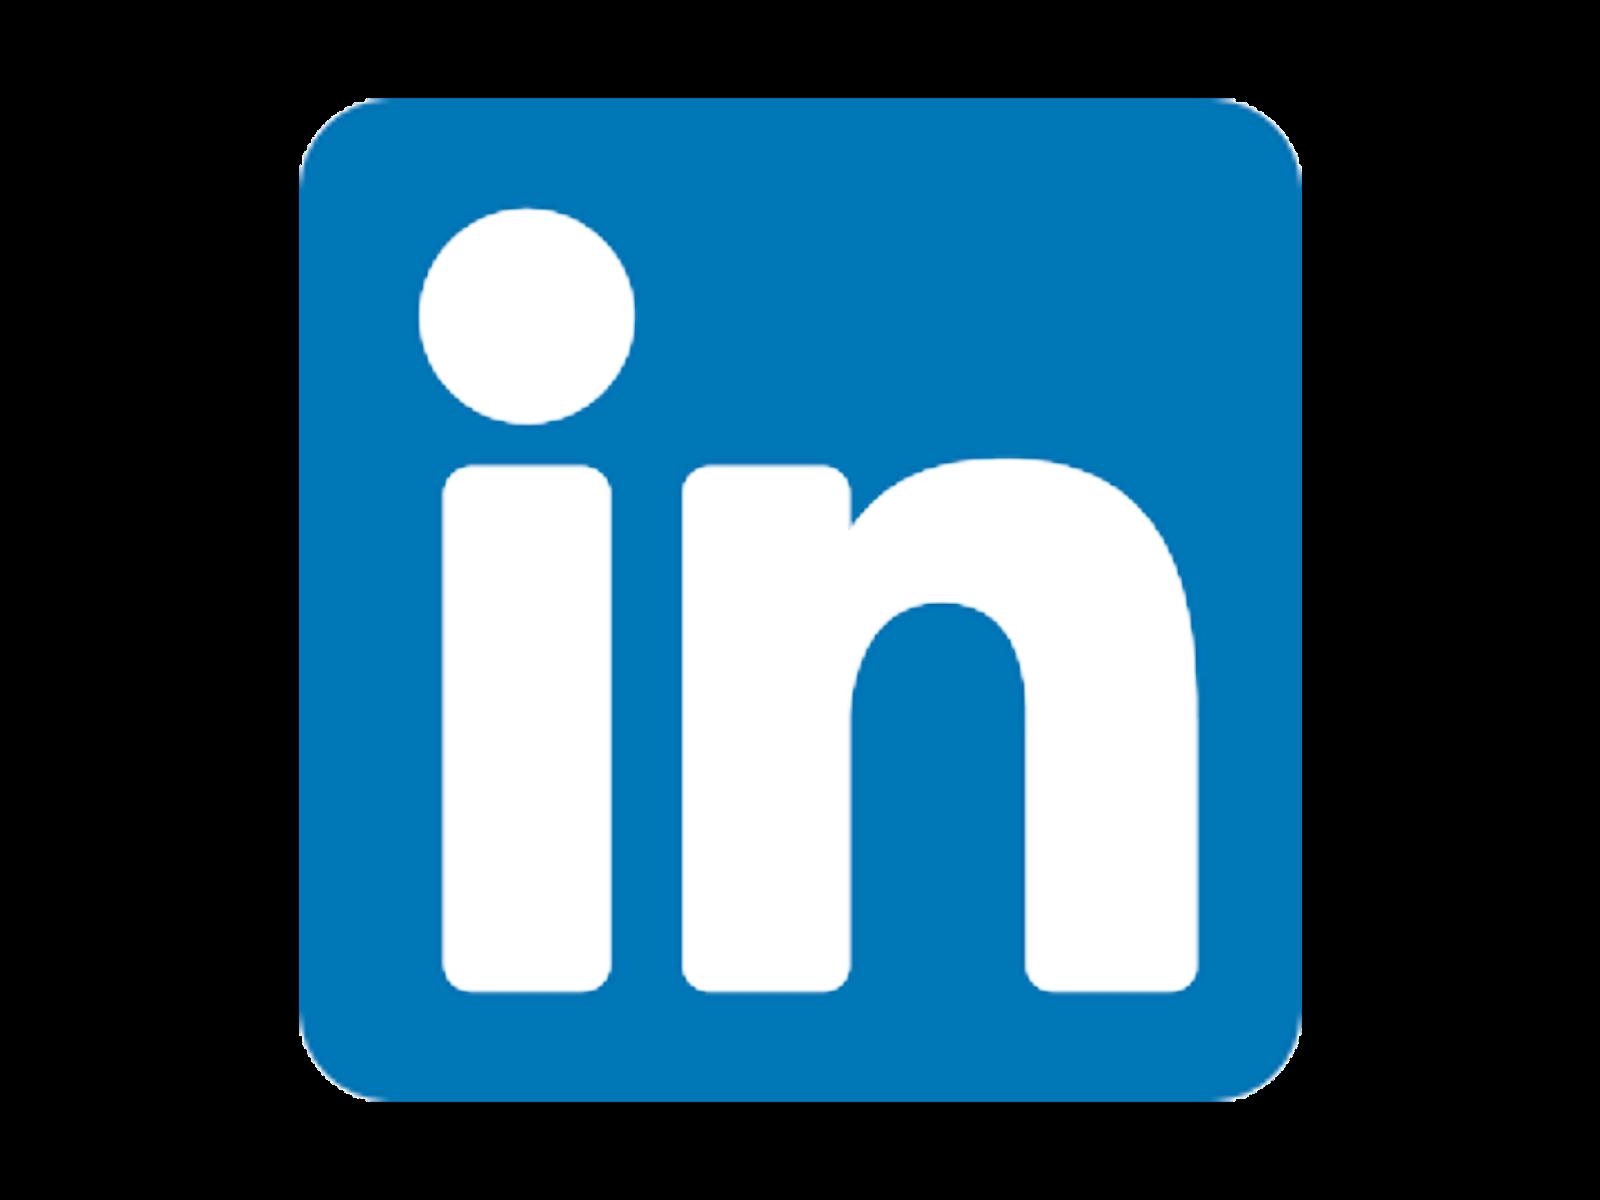 Logo Linkedin Format Png